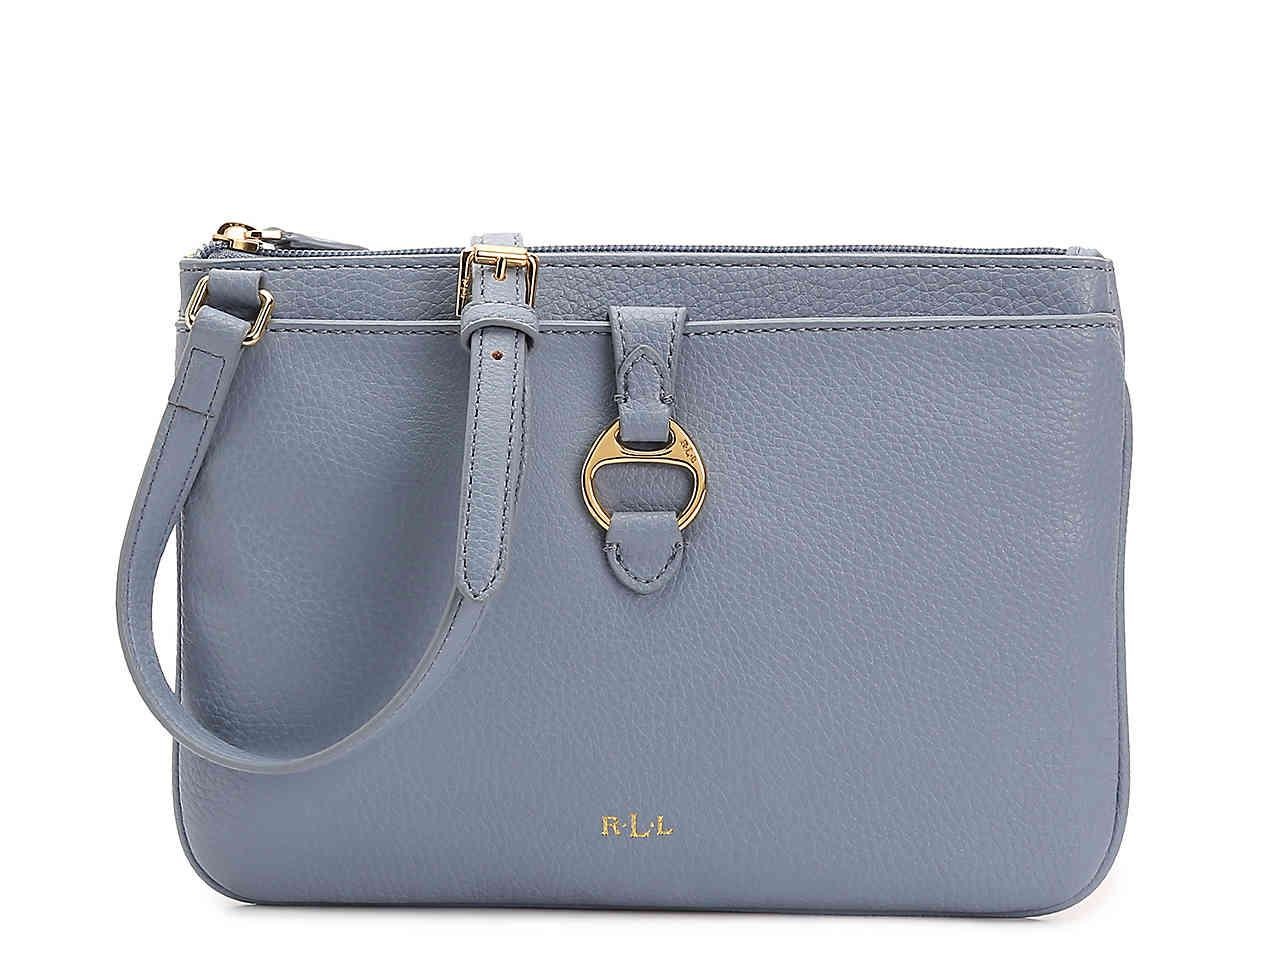 4c13126bc Lauren by Ralph Lauren Anfield Ii Crossbody Bag in Blue - Lyst